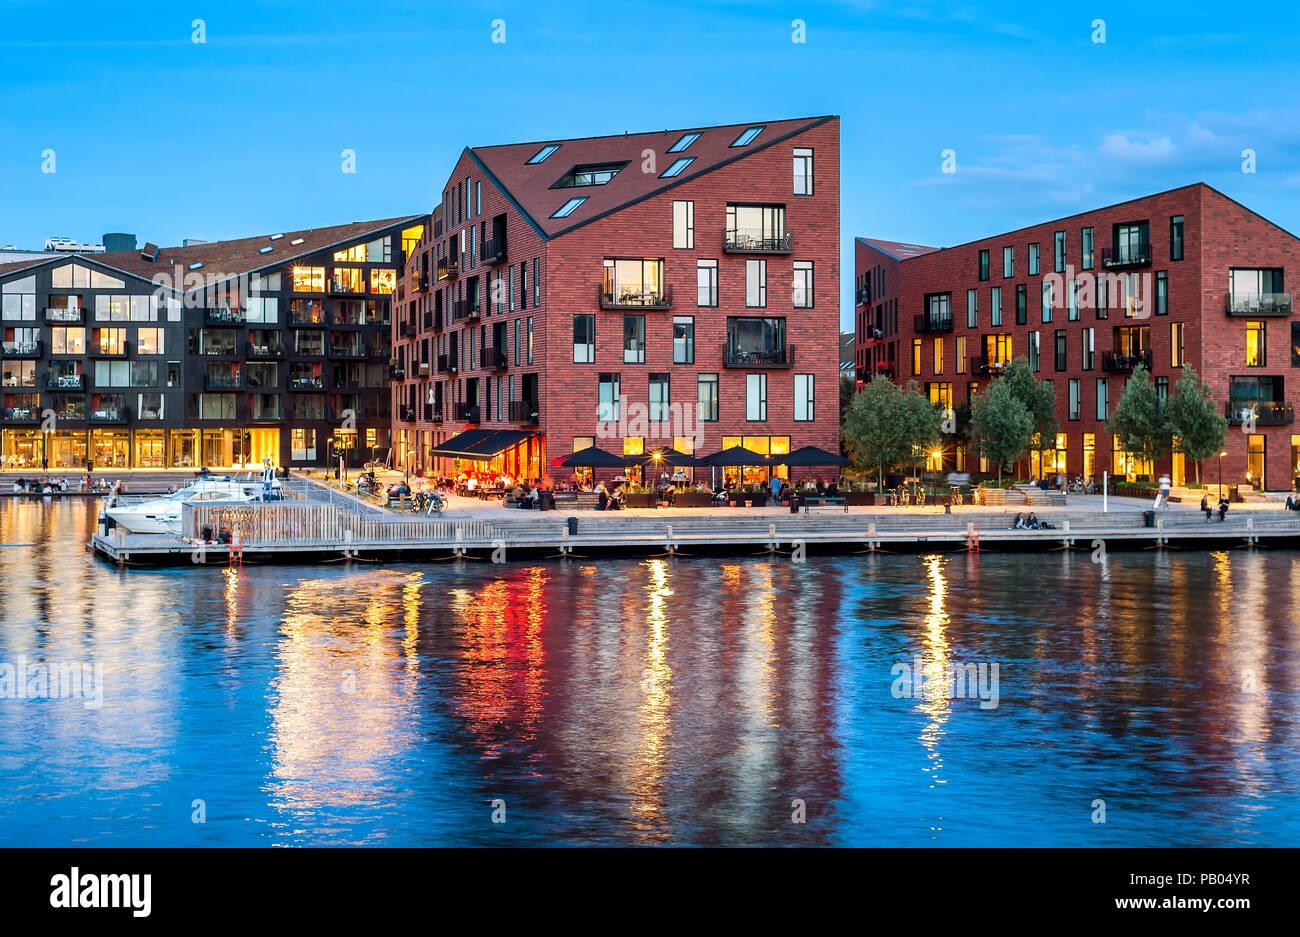 Kroyers Plads edificios de arquitectura moderna con diseño de terraplén iluminado en la noche, Copenhague, Dinamarca Foto de stock